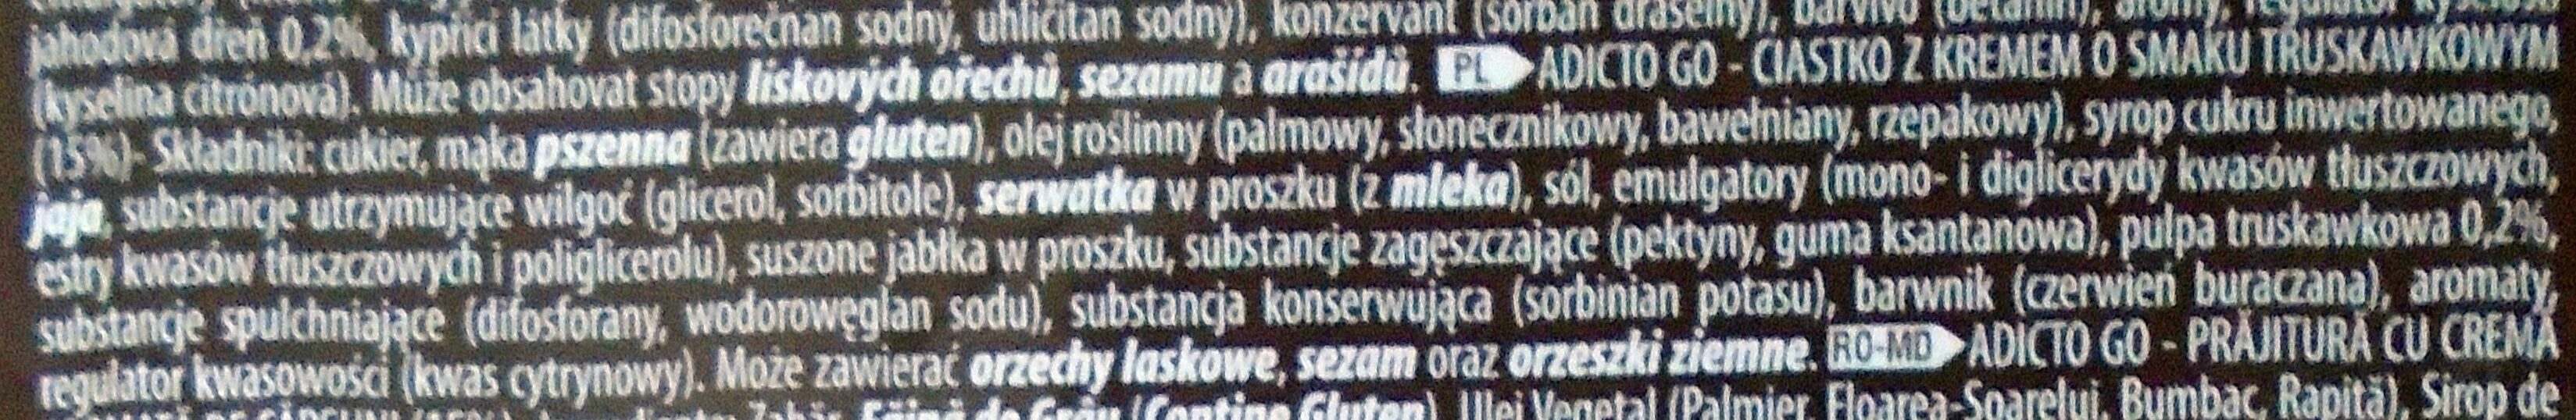 Adicto Go Prăjitură cu cremă de capșuni - Składniki - pl